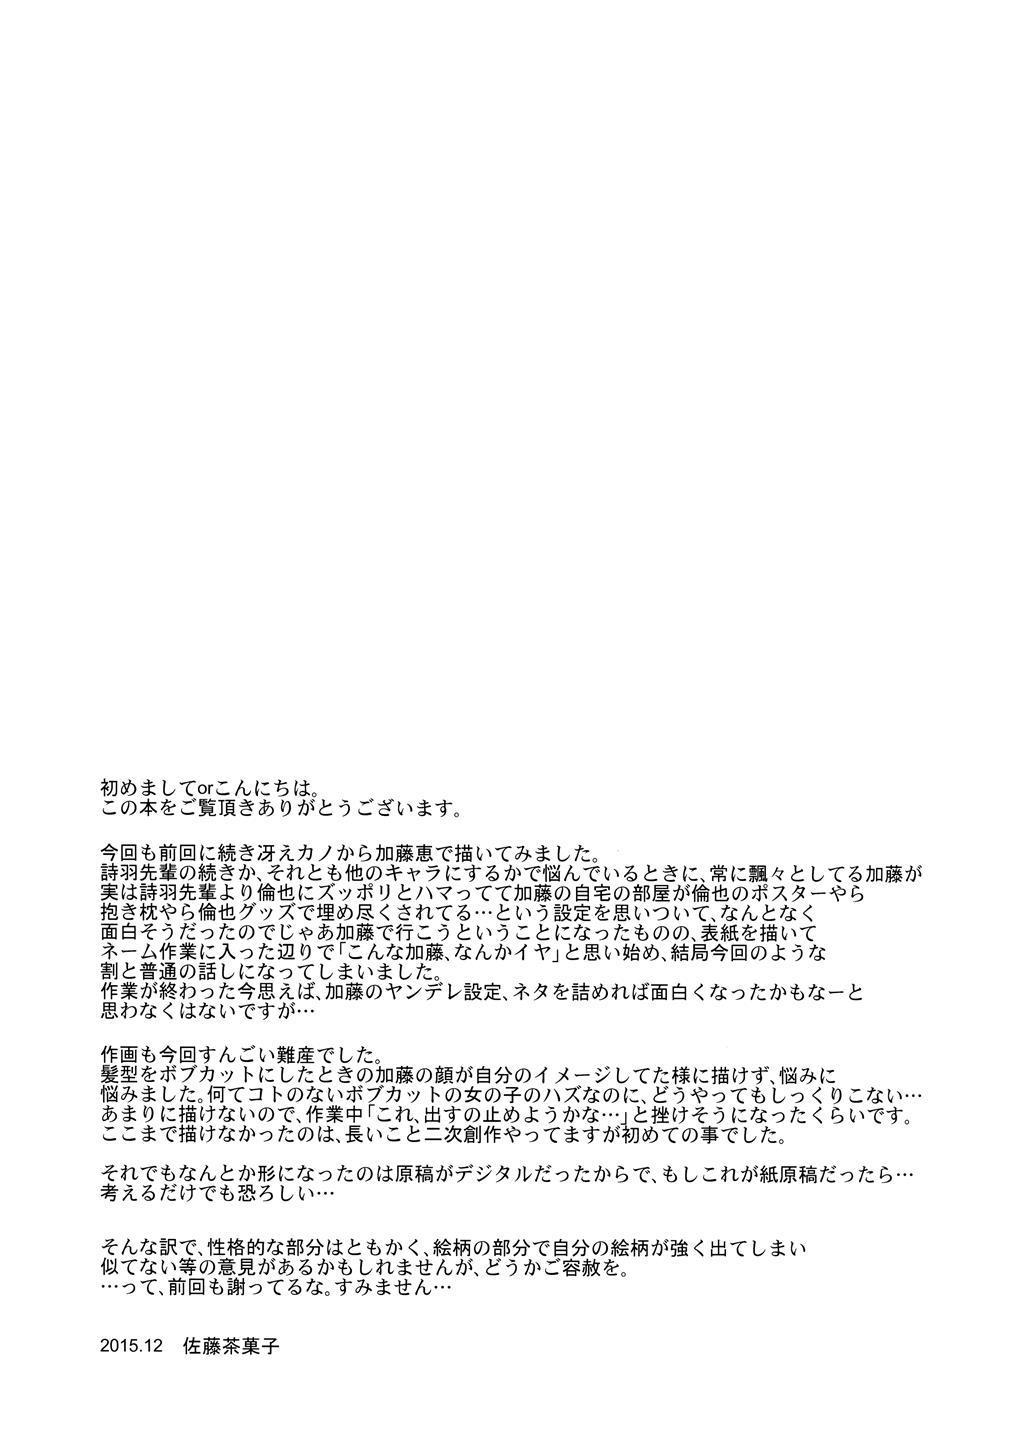 Katou Megumi no Rinri Shinsakai | Kato-Sans Board of Ethics 23